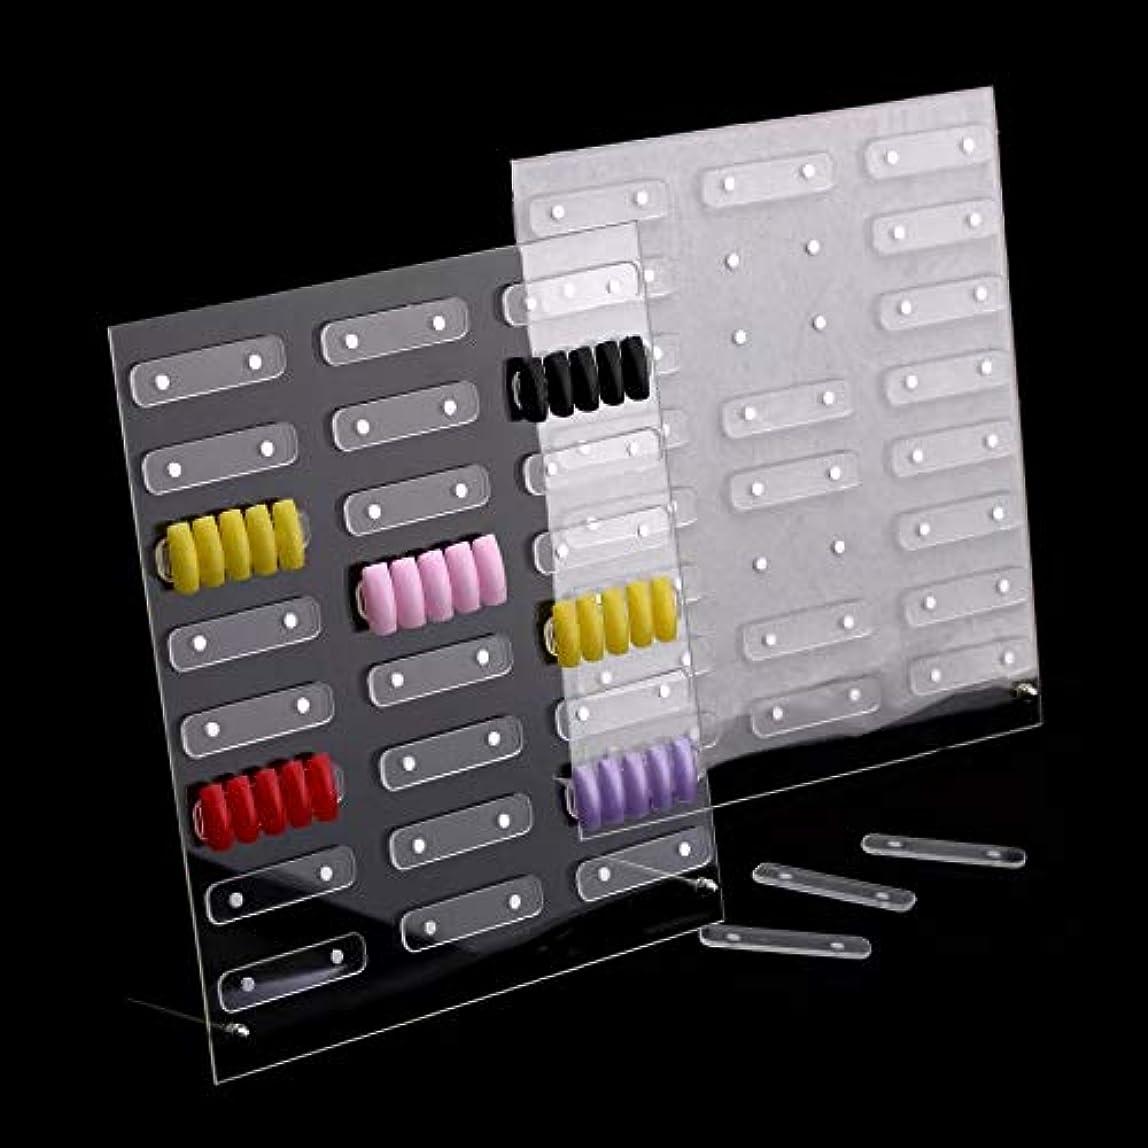 解説読みやすいダース磁石付きネイルサンプルディスプレイボード展示板 大容量24セット設置可能 見本ボード サンプルチップ貼り付け板 入れ替え取り外し簡単ラクラク! (大 (32ピース))